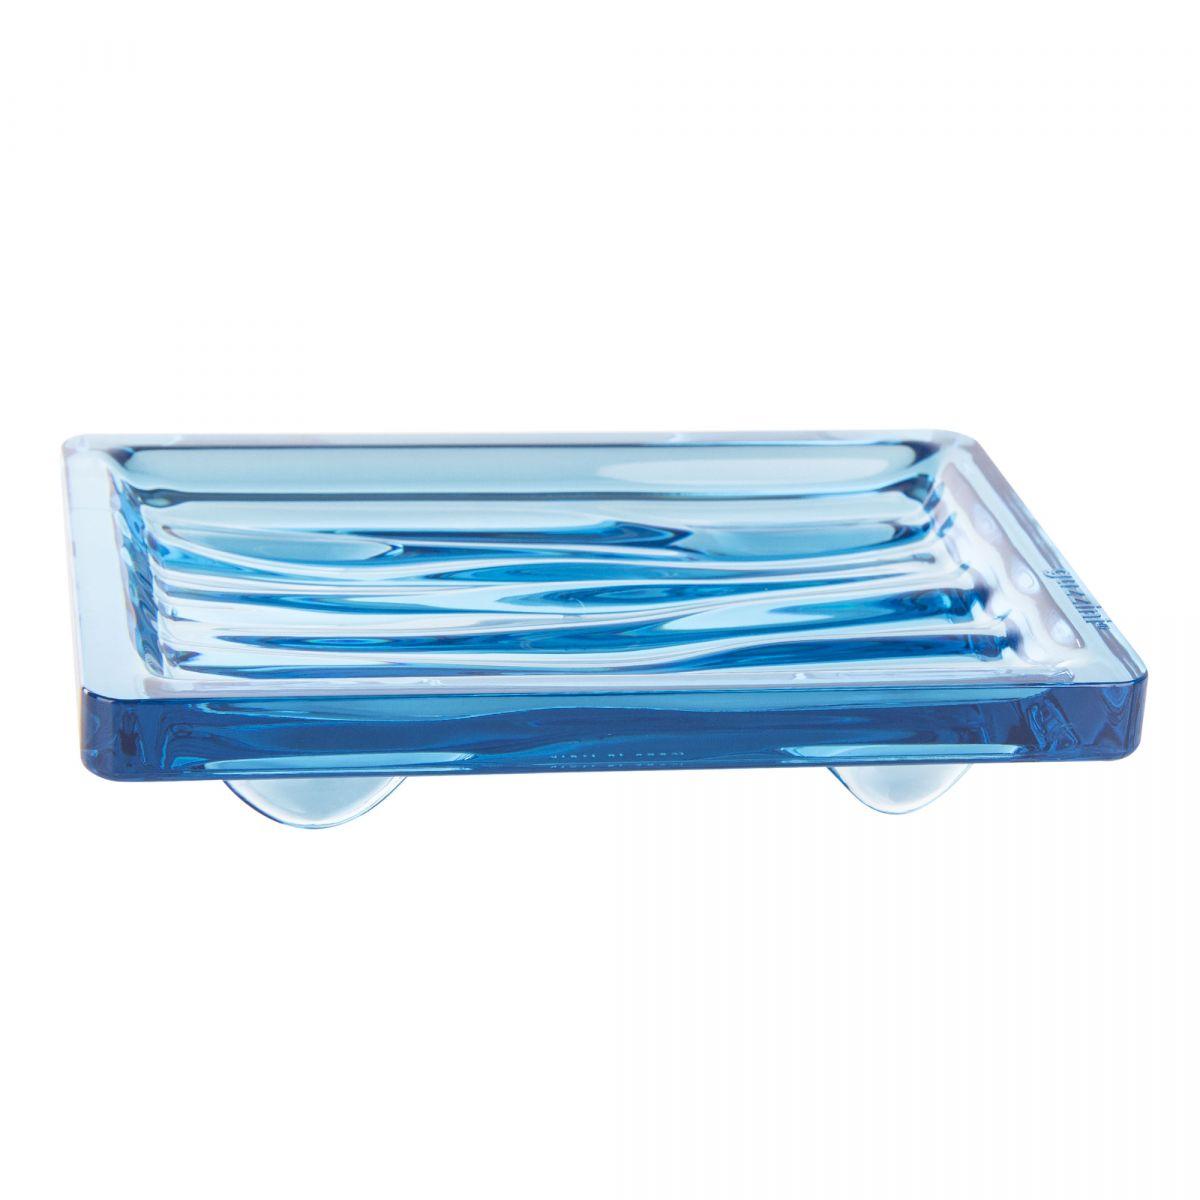 Porte savon en plexiglas GUZZINI marque pas cher prix dégriffés destockage